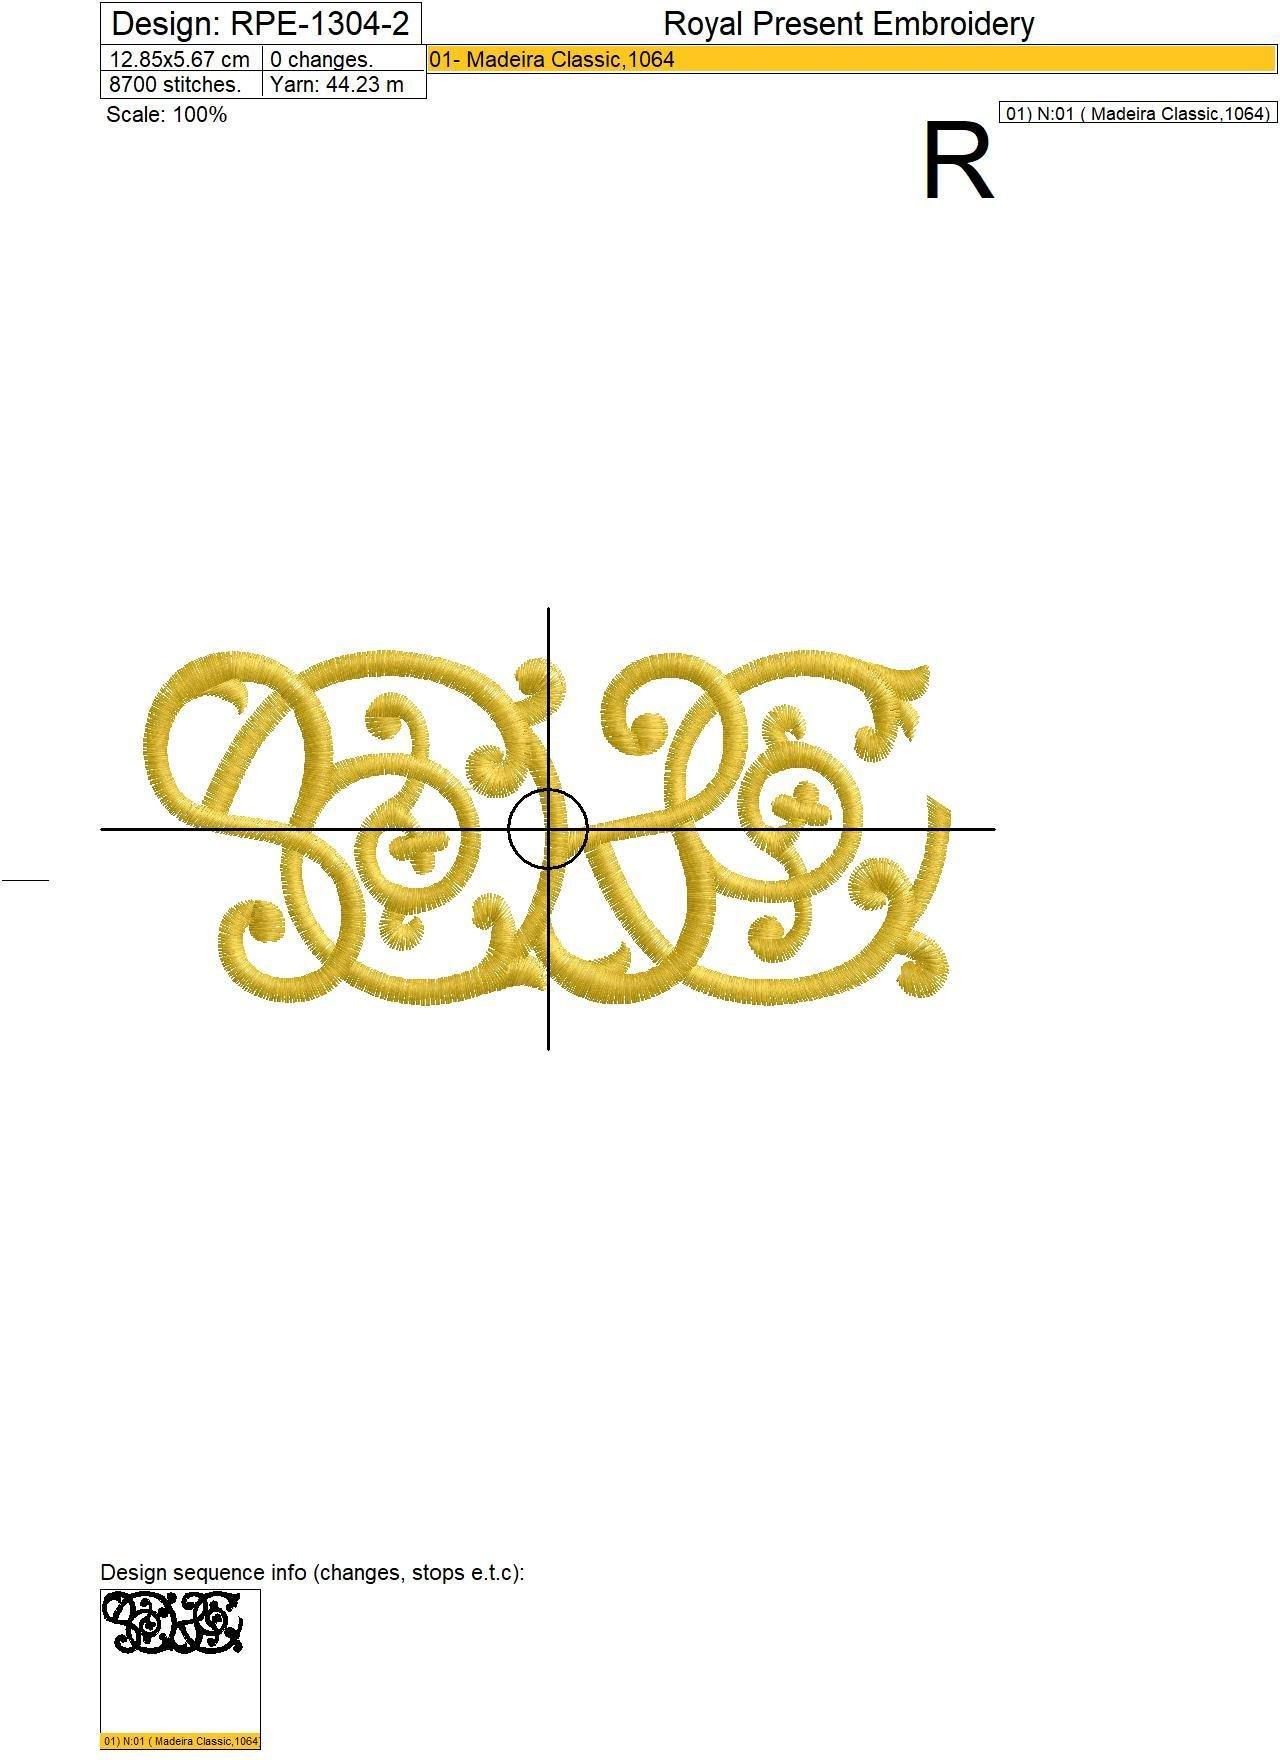 Витиеватый бордюр Бесплатный дизайн машинной вышивки - 2 размера